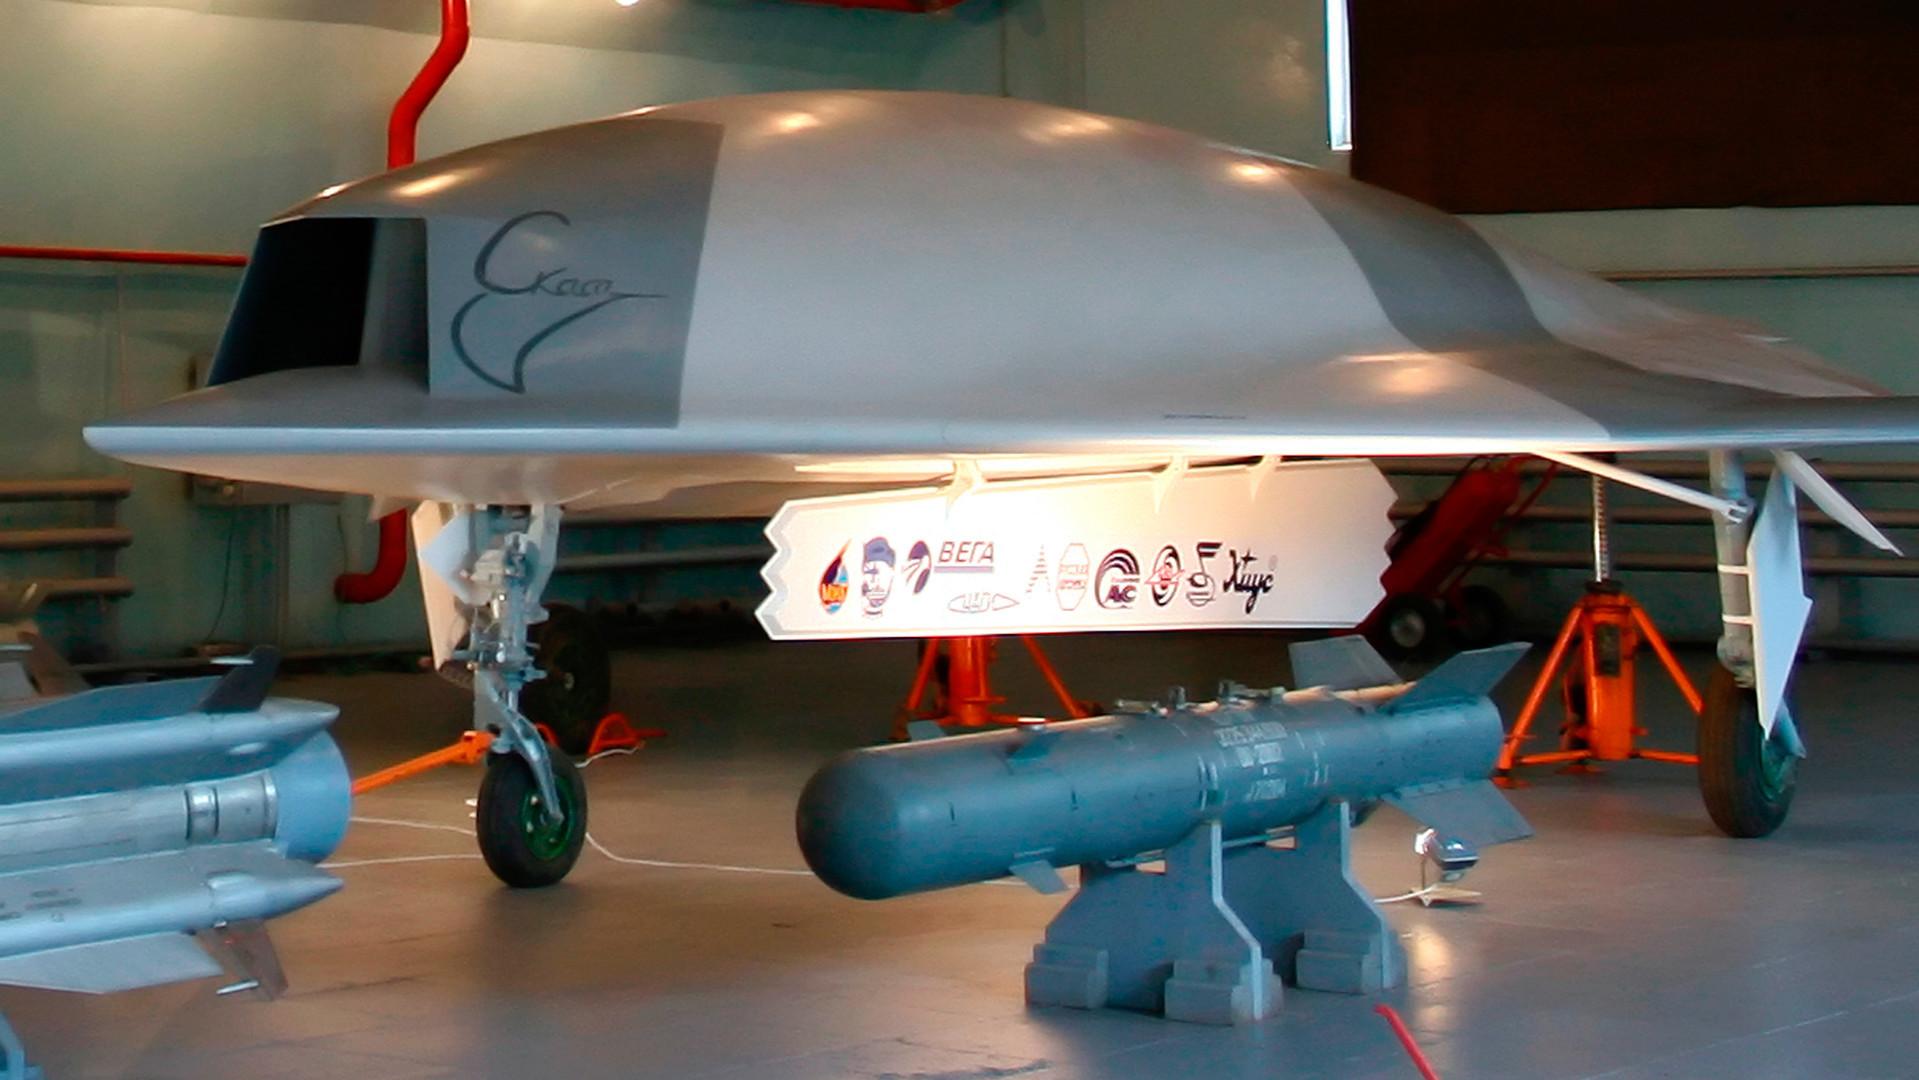 Modelo em tamanho real do veículo aéreo não tripulado Skat (ao fundo) e bombas aéreas (em primeiro plano) em um hangar da fábrica de aeronaves MiG